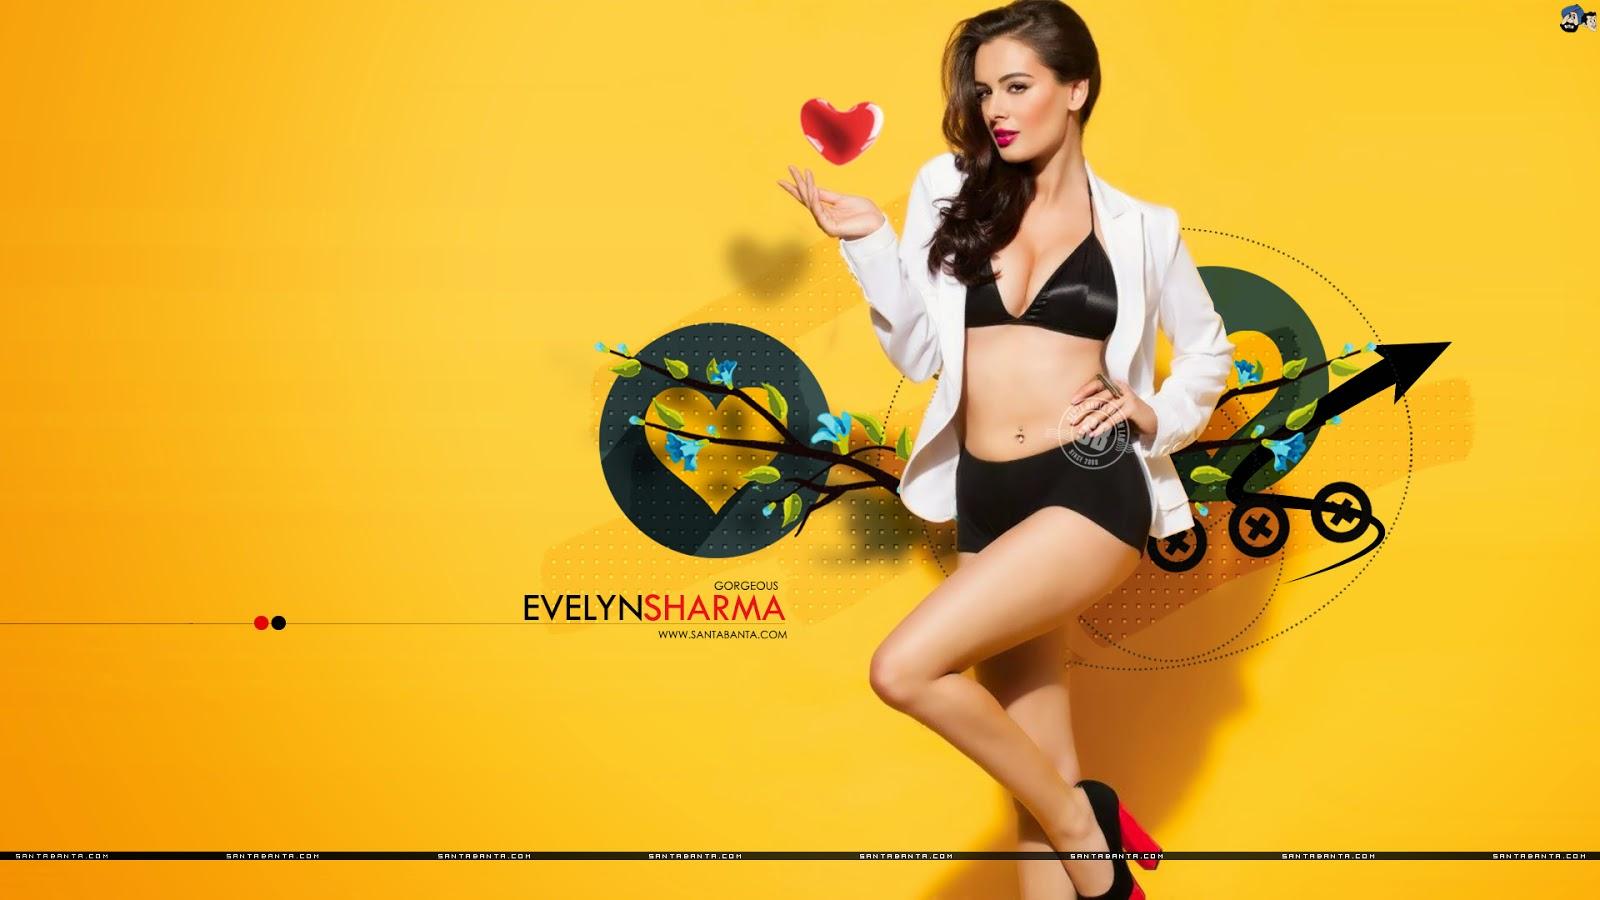 Evelyn Sharma Best Bikini Picture